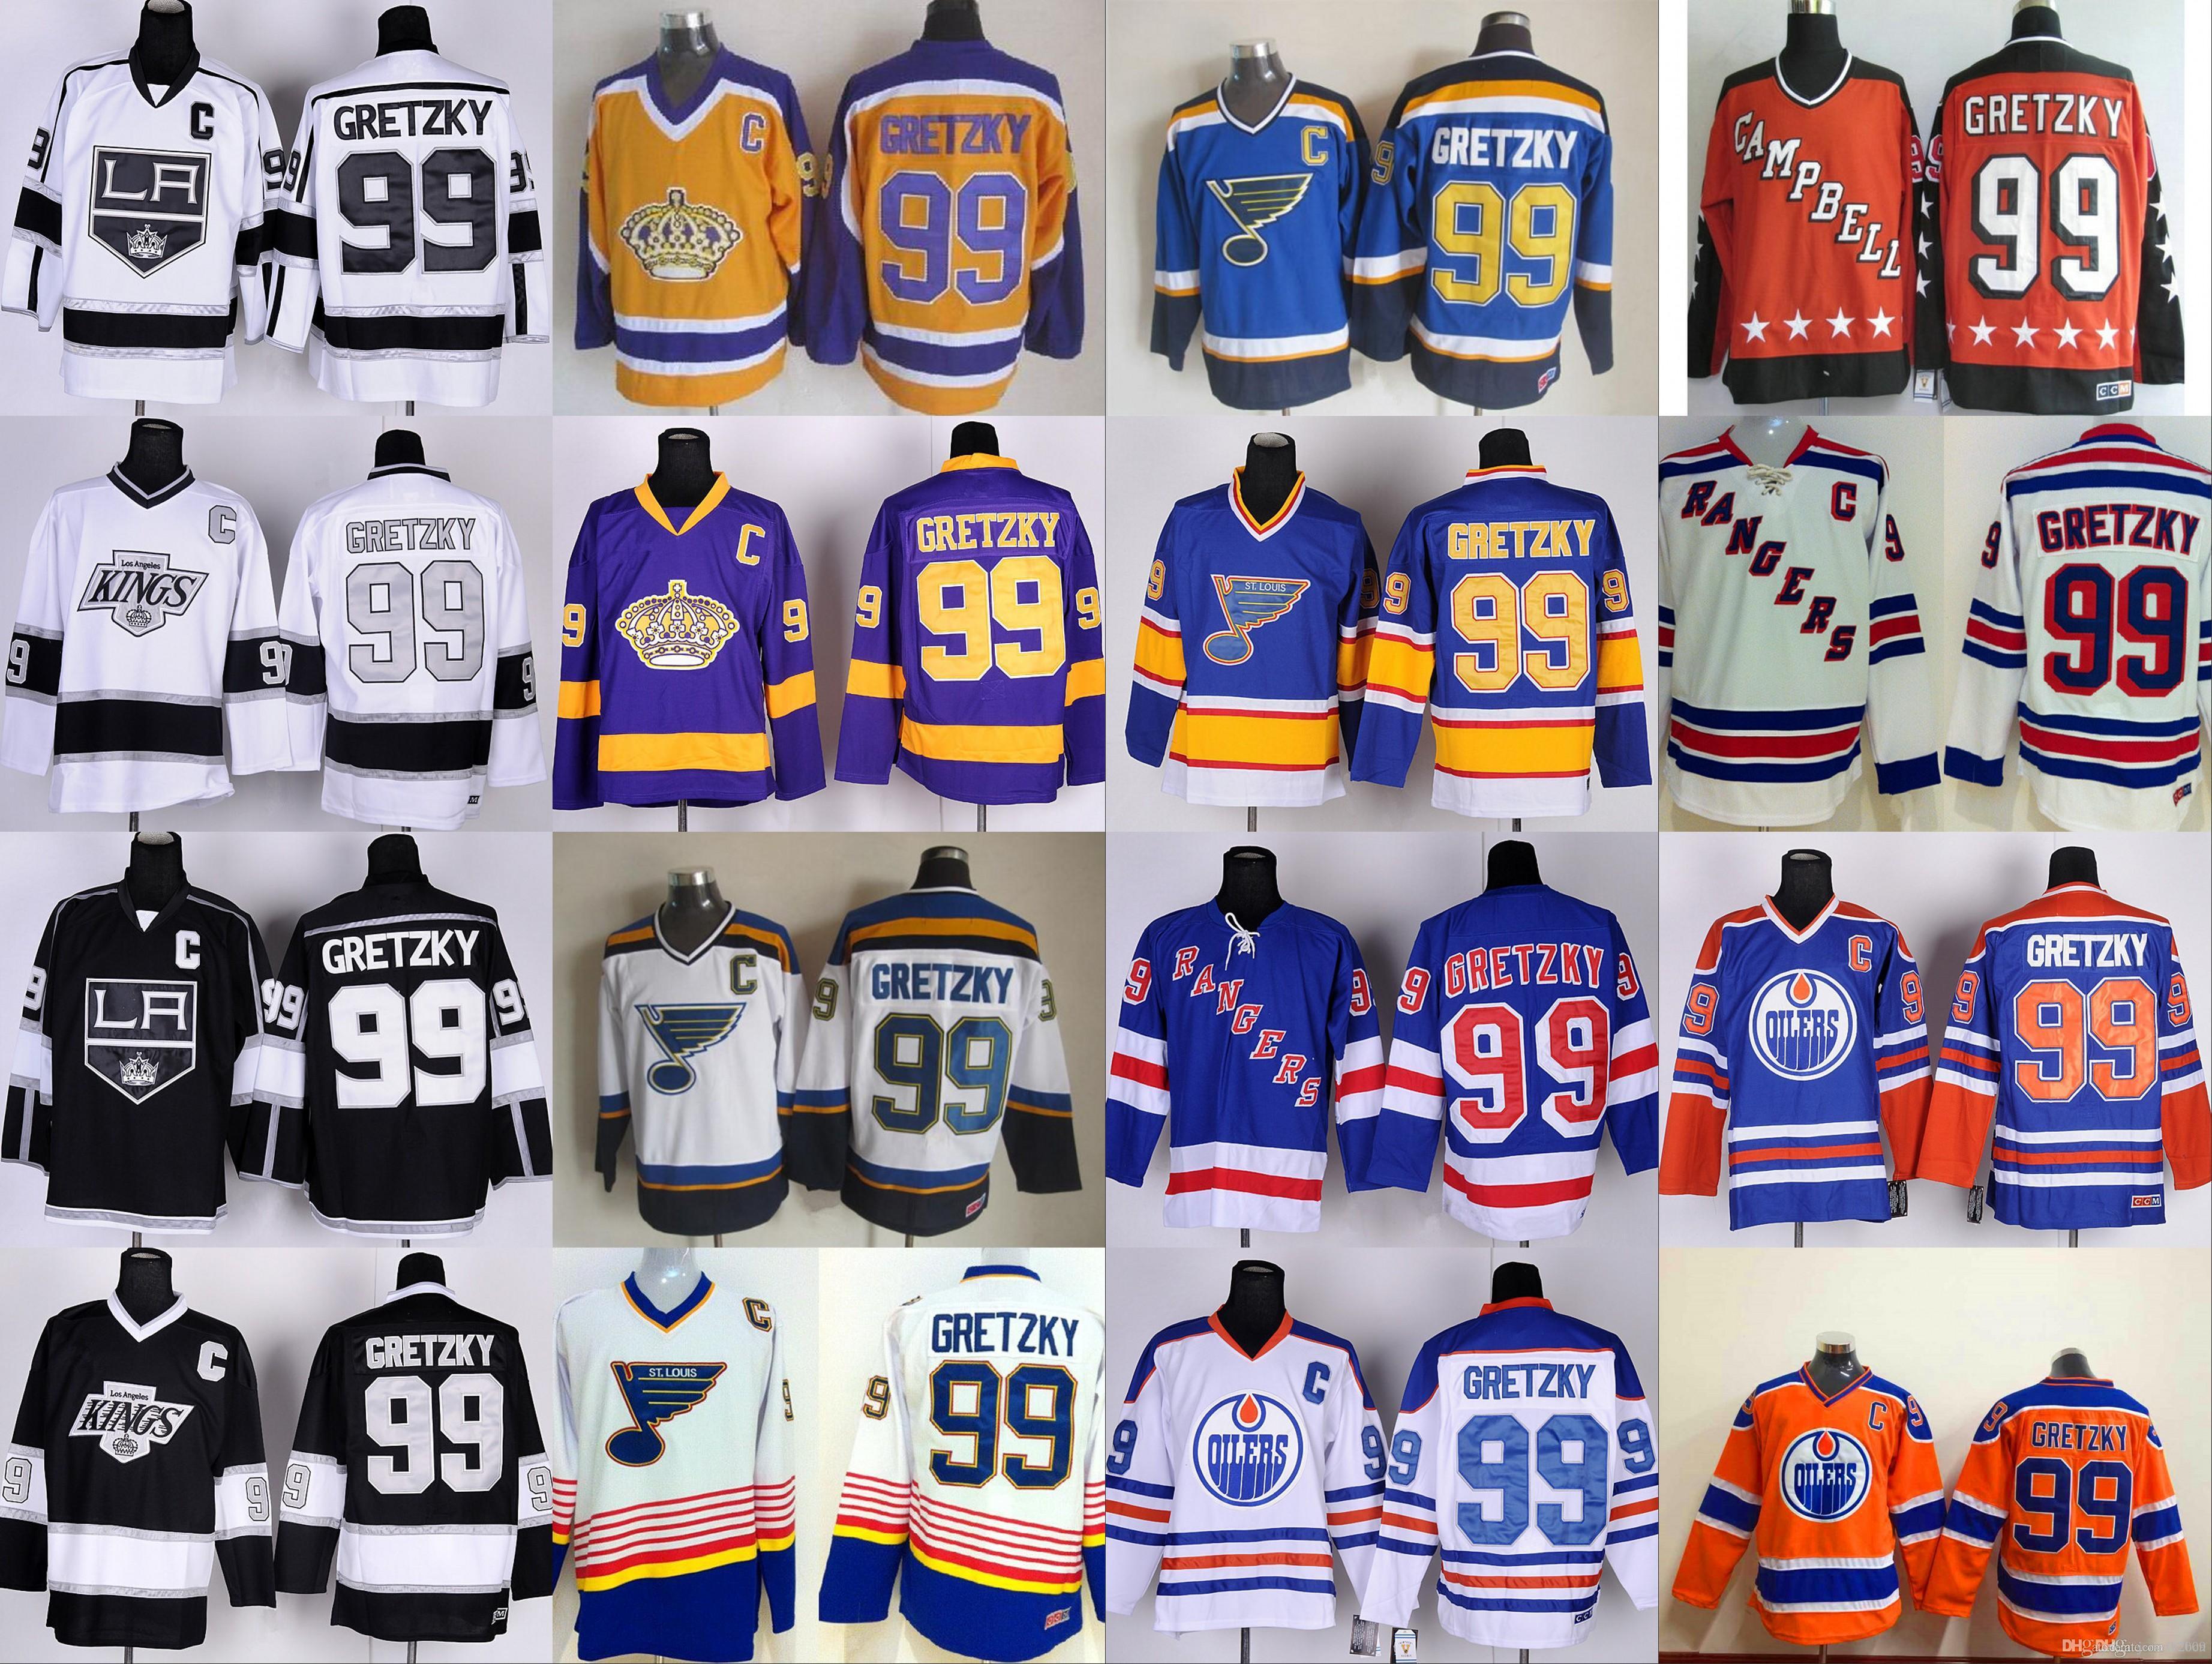 2019 Los Angeles Kings  99 Wayne Gretzky Jerseys Hockey St. Louis Blues LA  Los Angeles Kings Vintage Blue White Black Yellow Orange From Jersey 2009 02ea6f7096ef